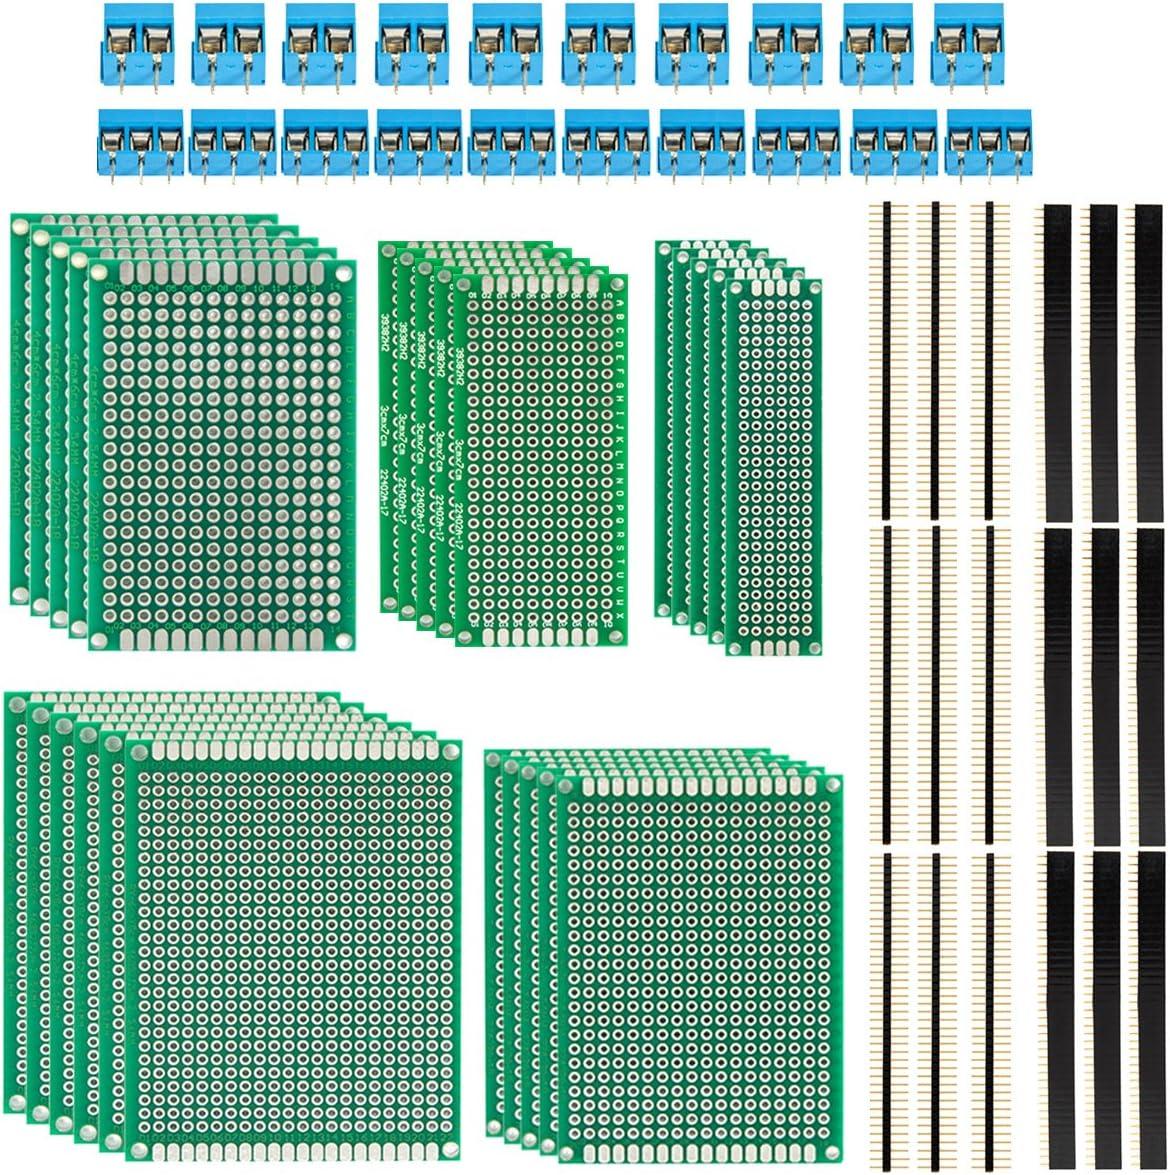 2stk Einseitige Universal Lochrasterplatine Leiterplatten Dicke 1,5mm 12x18cm